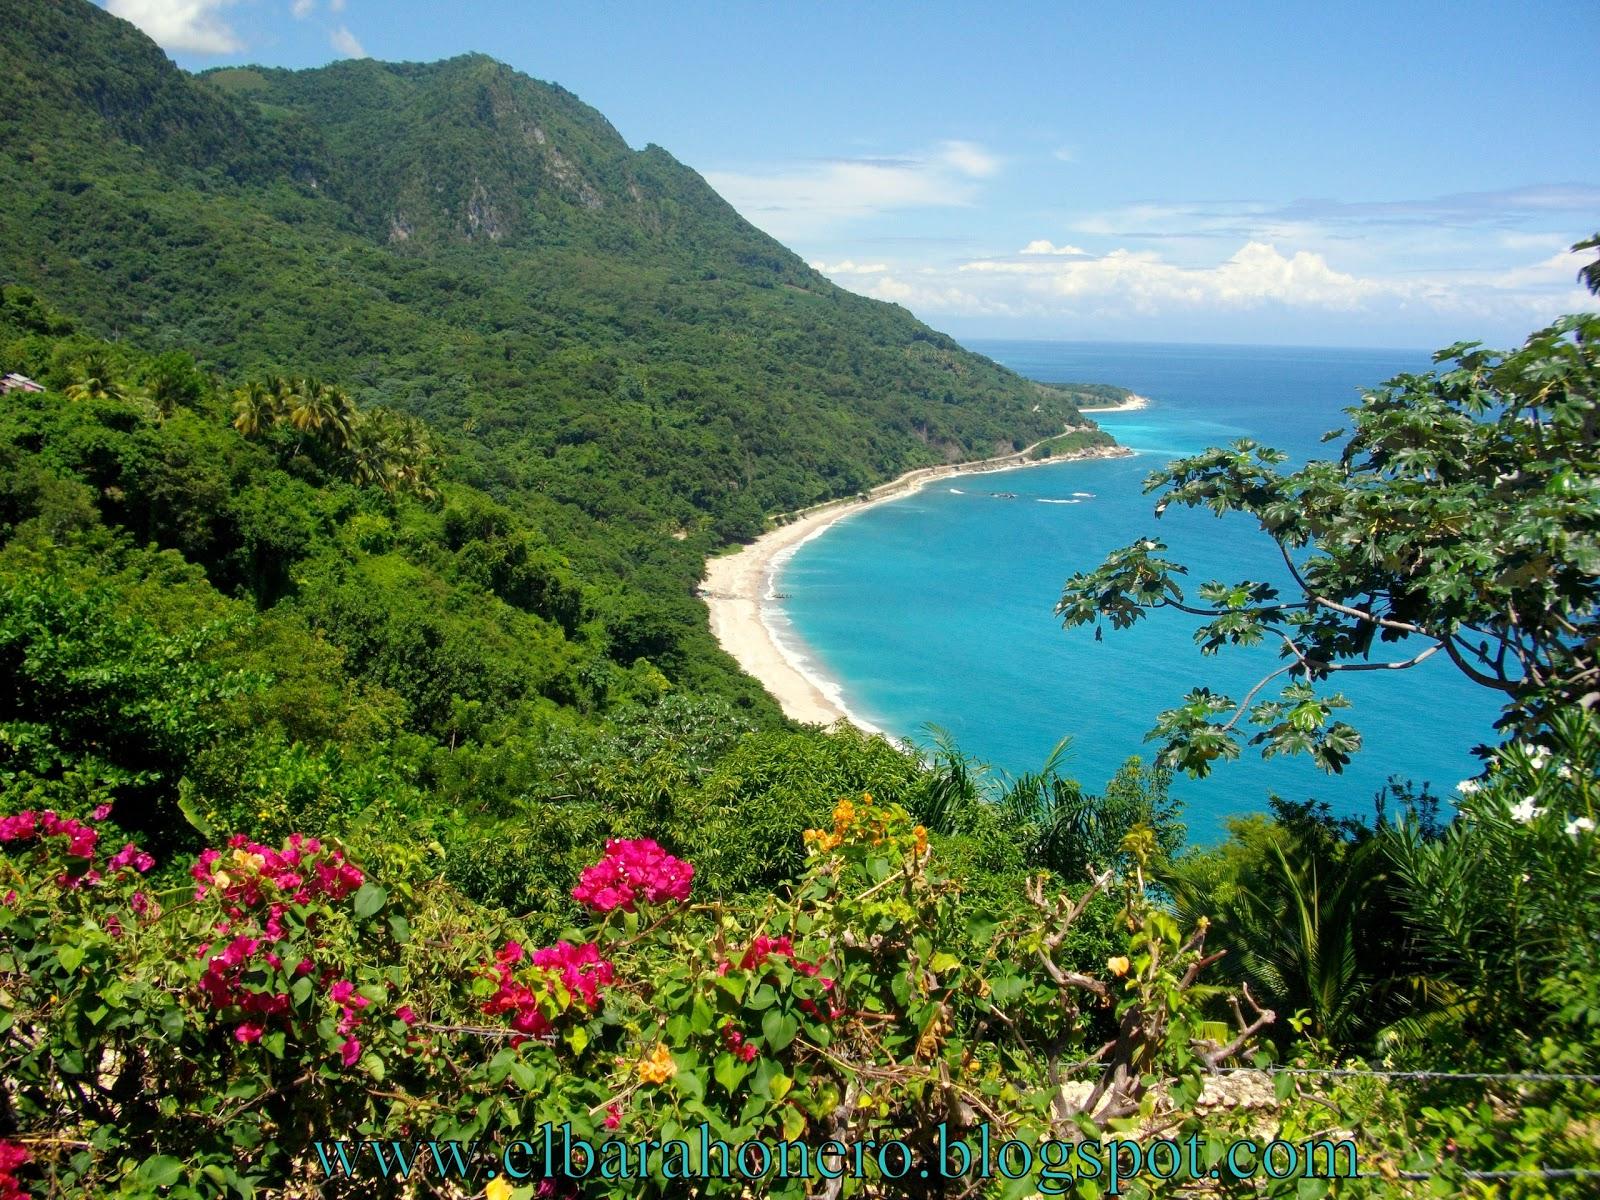 filename playa san rafaelc barahonac el paisaje mcas bello del mundo hector rafelin cuellojpg